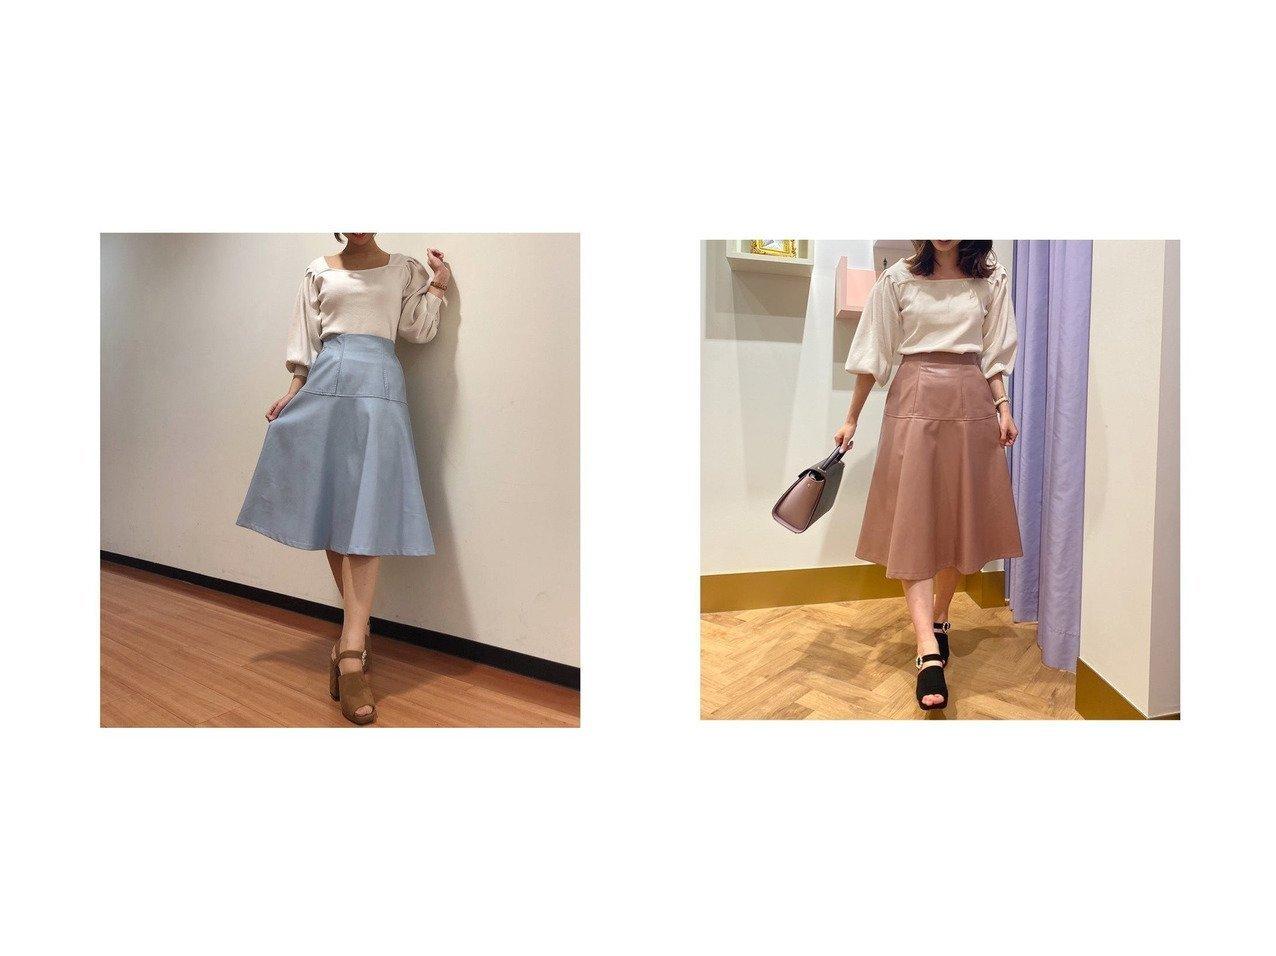 【31 Sons de mode/トランテアン ソン ドゥ モード】のレザーフレアスカート スカートのおすすめ!人気、レディースファッションの通販 おすすめで人気のファッション通販商品 インテリア・家具・キッズファッション・メンズファッション・レディースファッション・服の通販 founy(ファニー) https://founy.com/ ファッション Fashion レディース WOMEN スカート Skirt Aライン/フレアスカート Flared A-Line Skirts フィット フェイク フェミニン フレア 冬 Winter  ID:crp329100000001517